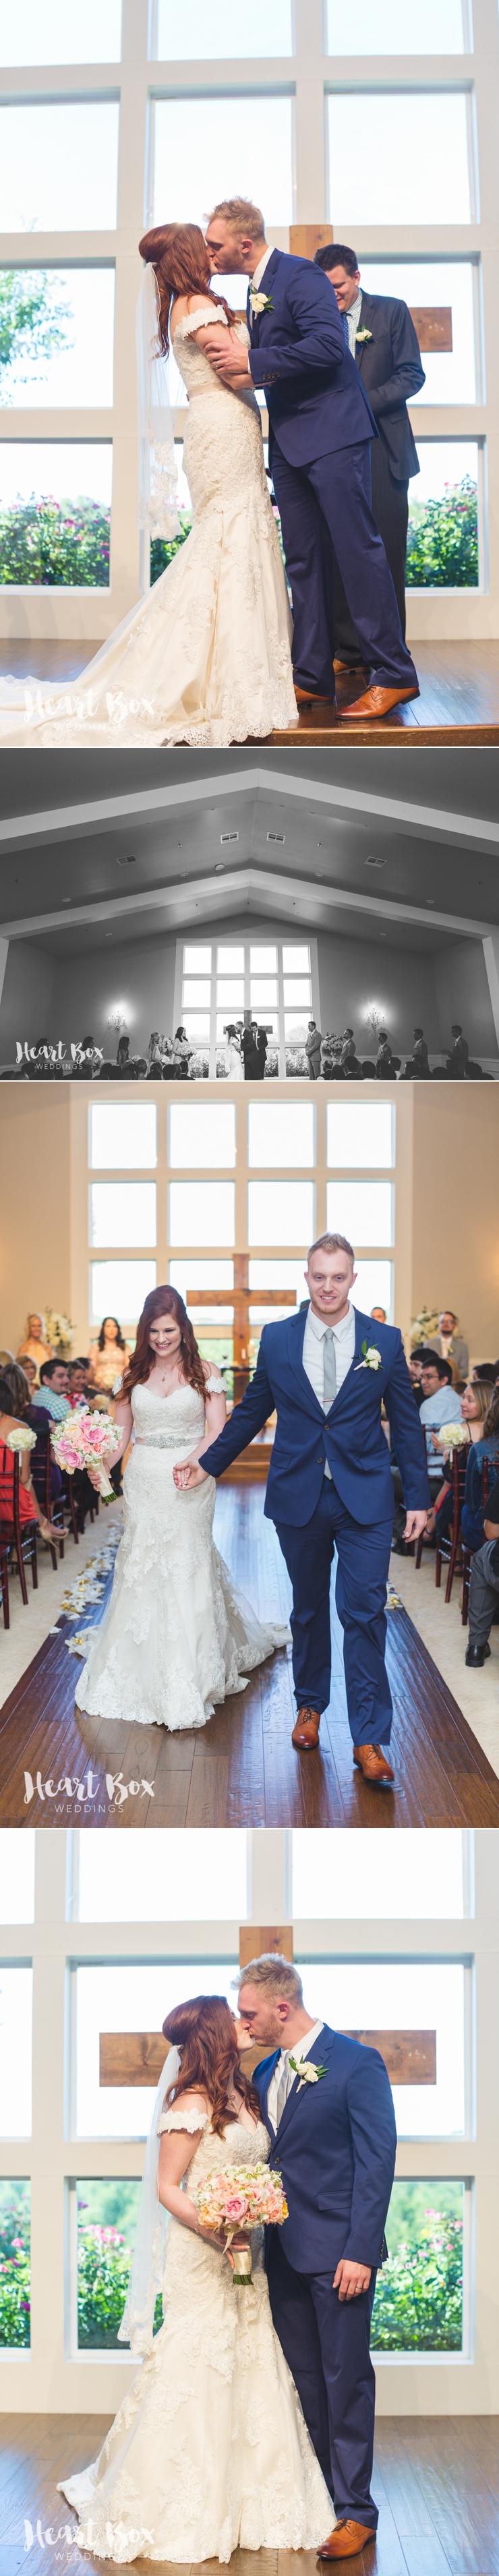 Muprhey Wedding Blog Collages 15.jpg